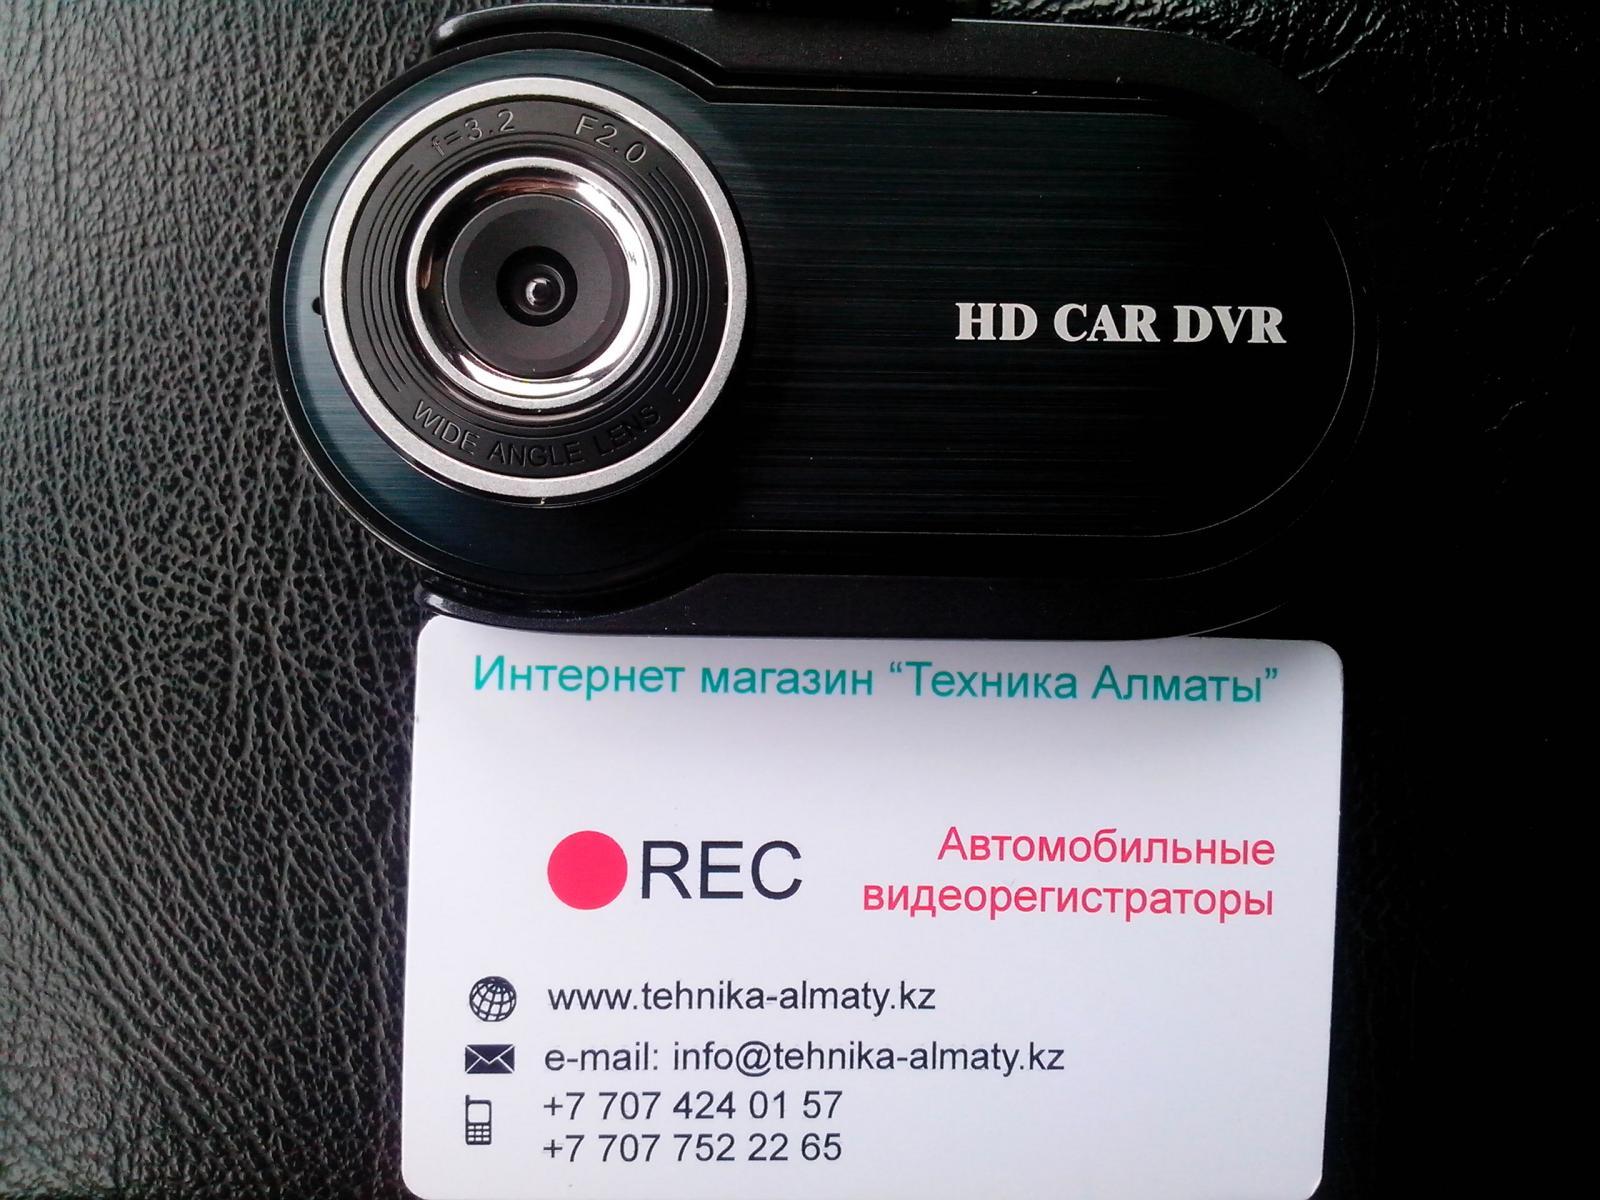 видеорегистратор dvr 189 инструкция по эксплуатации